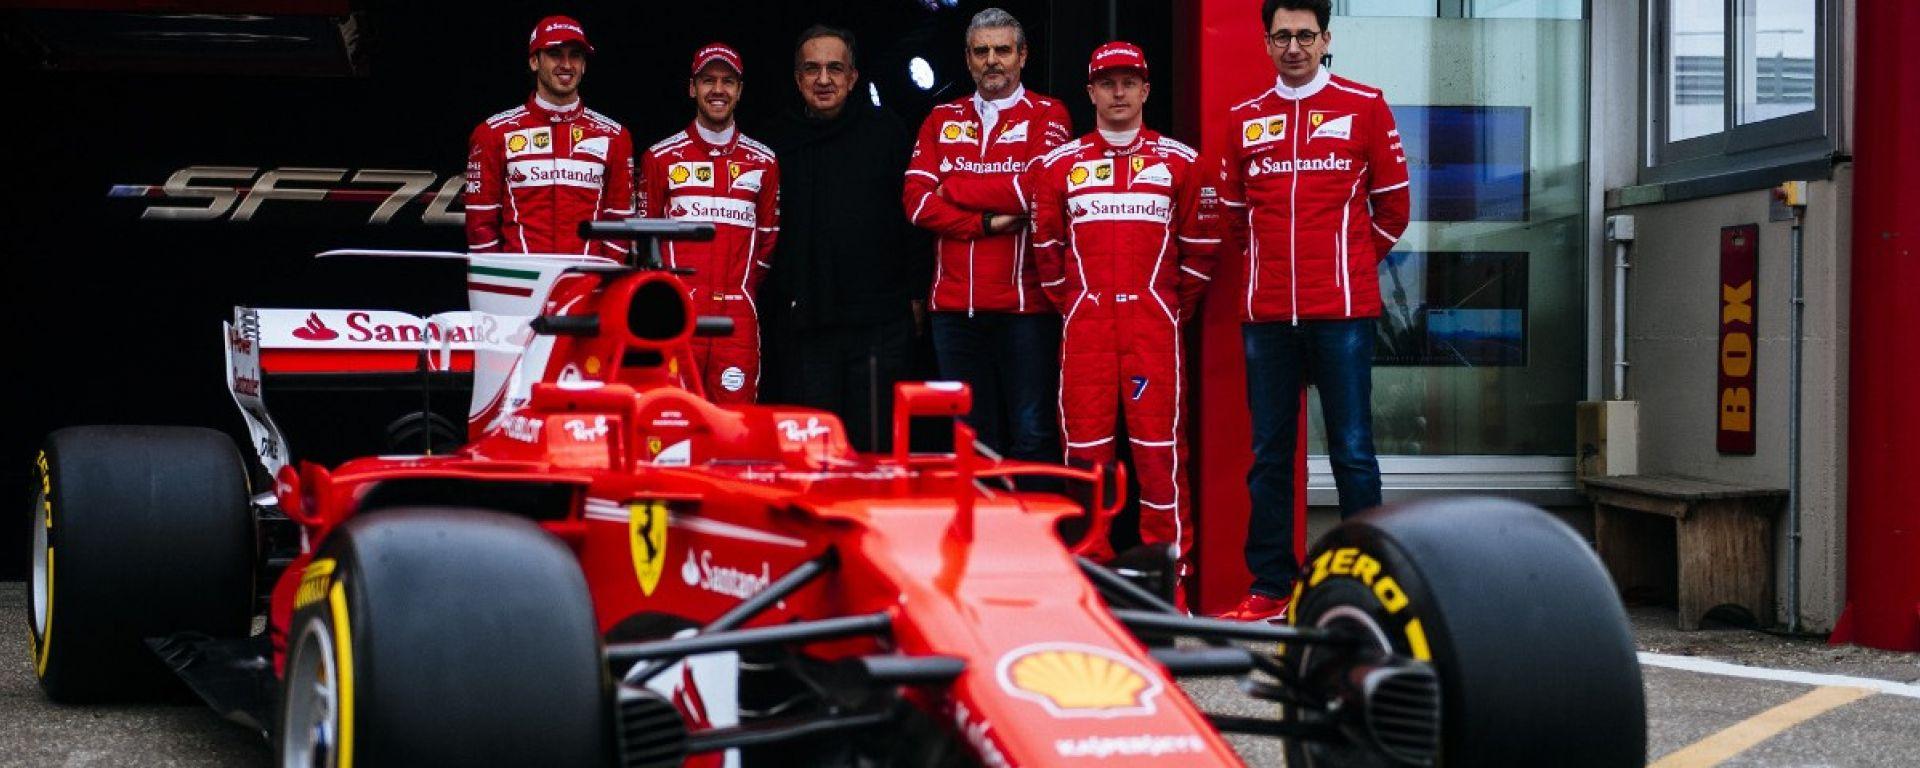 Presentazione Ferrari F1